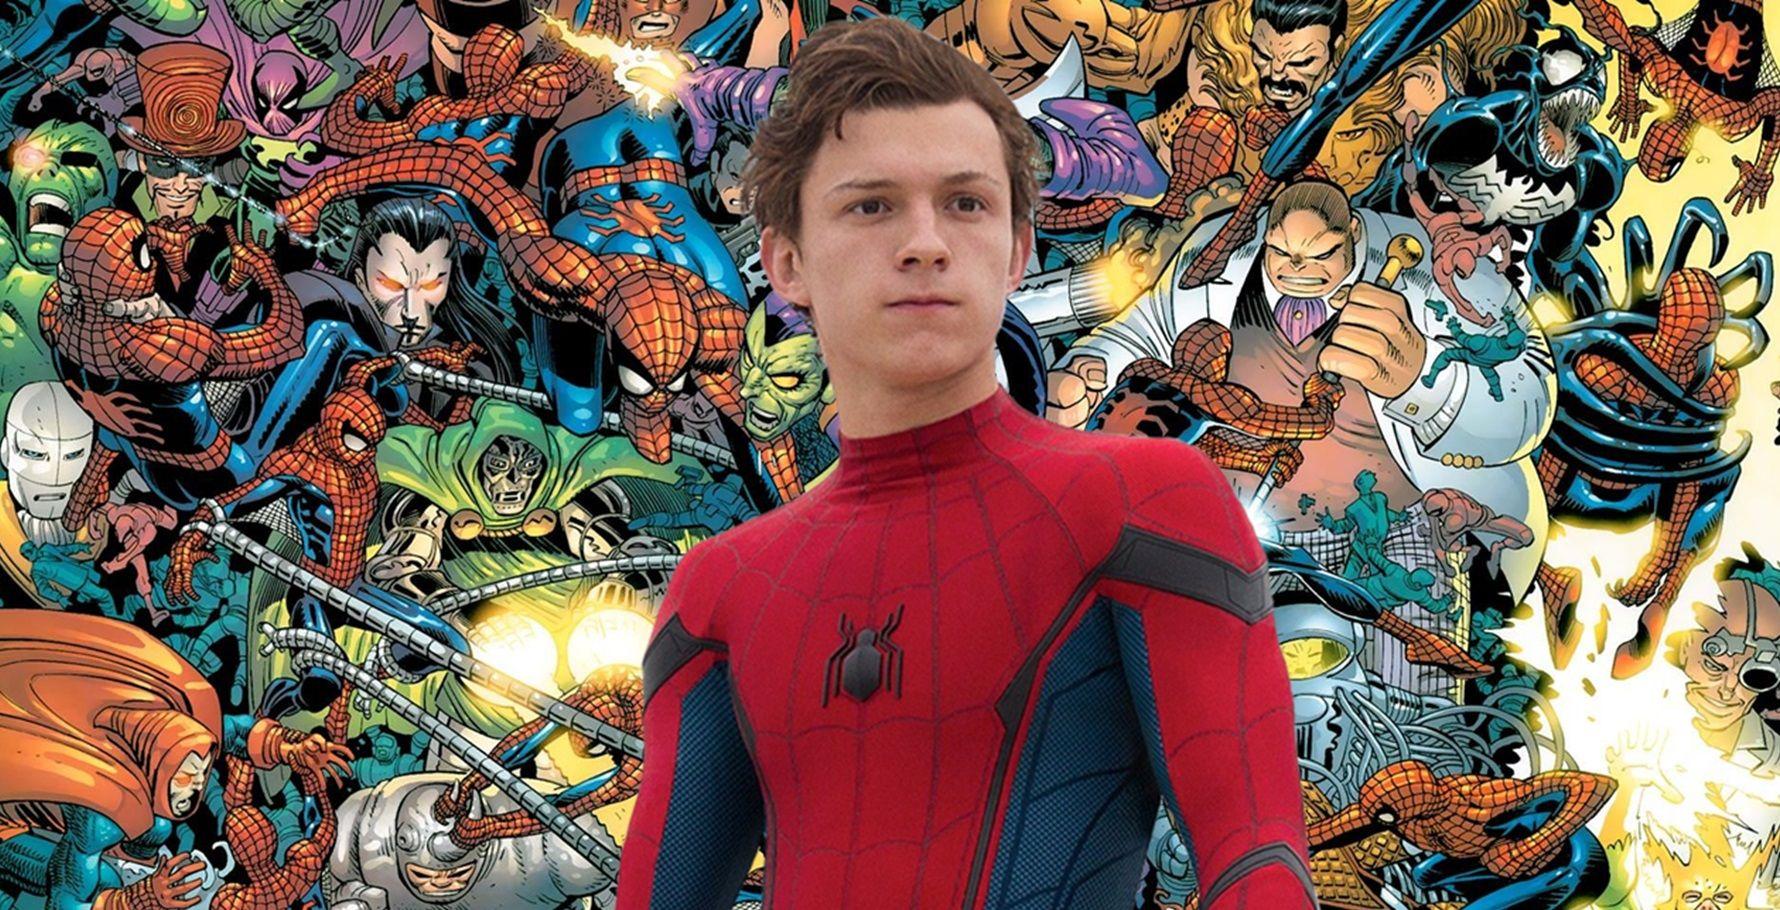 10 Villains Tom Holland's Spider-Man Should Face